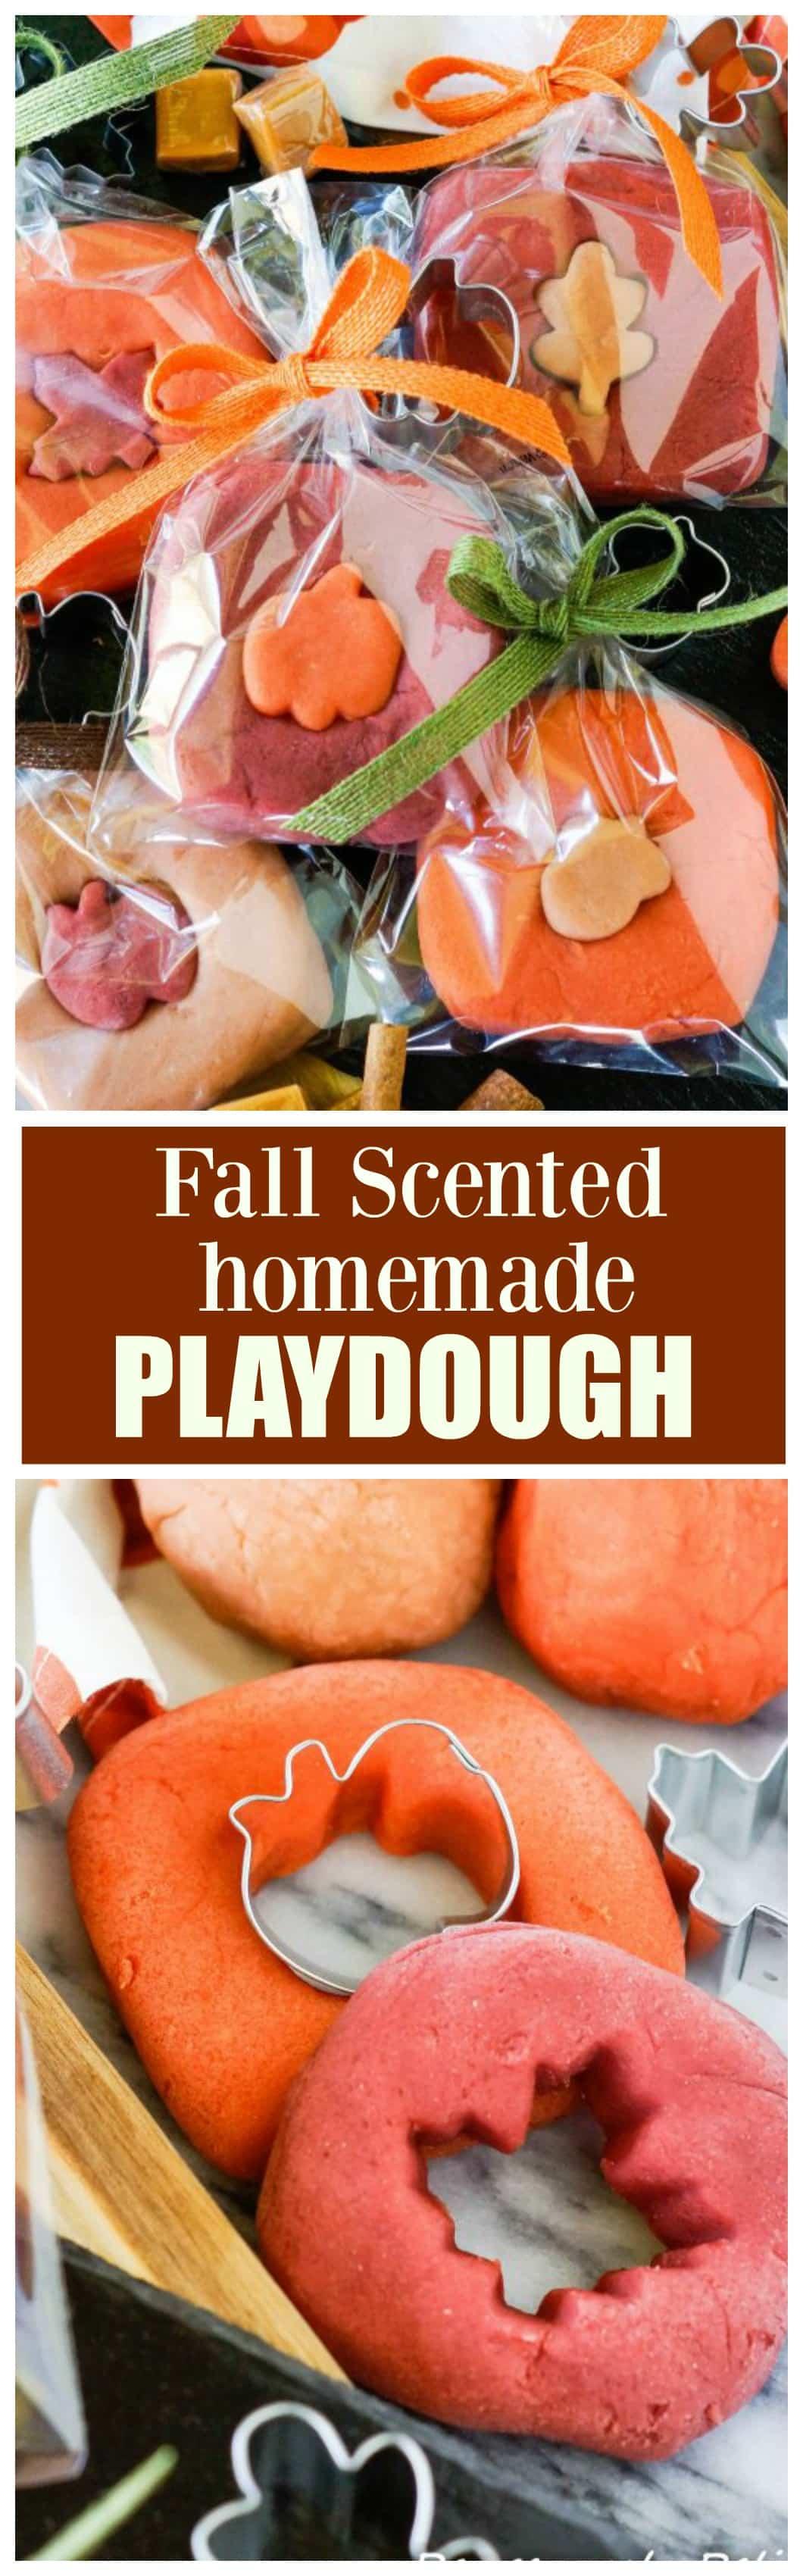 Fall Scented Homemade Playdough